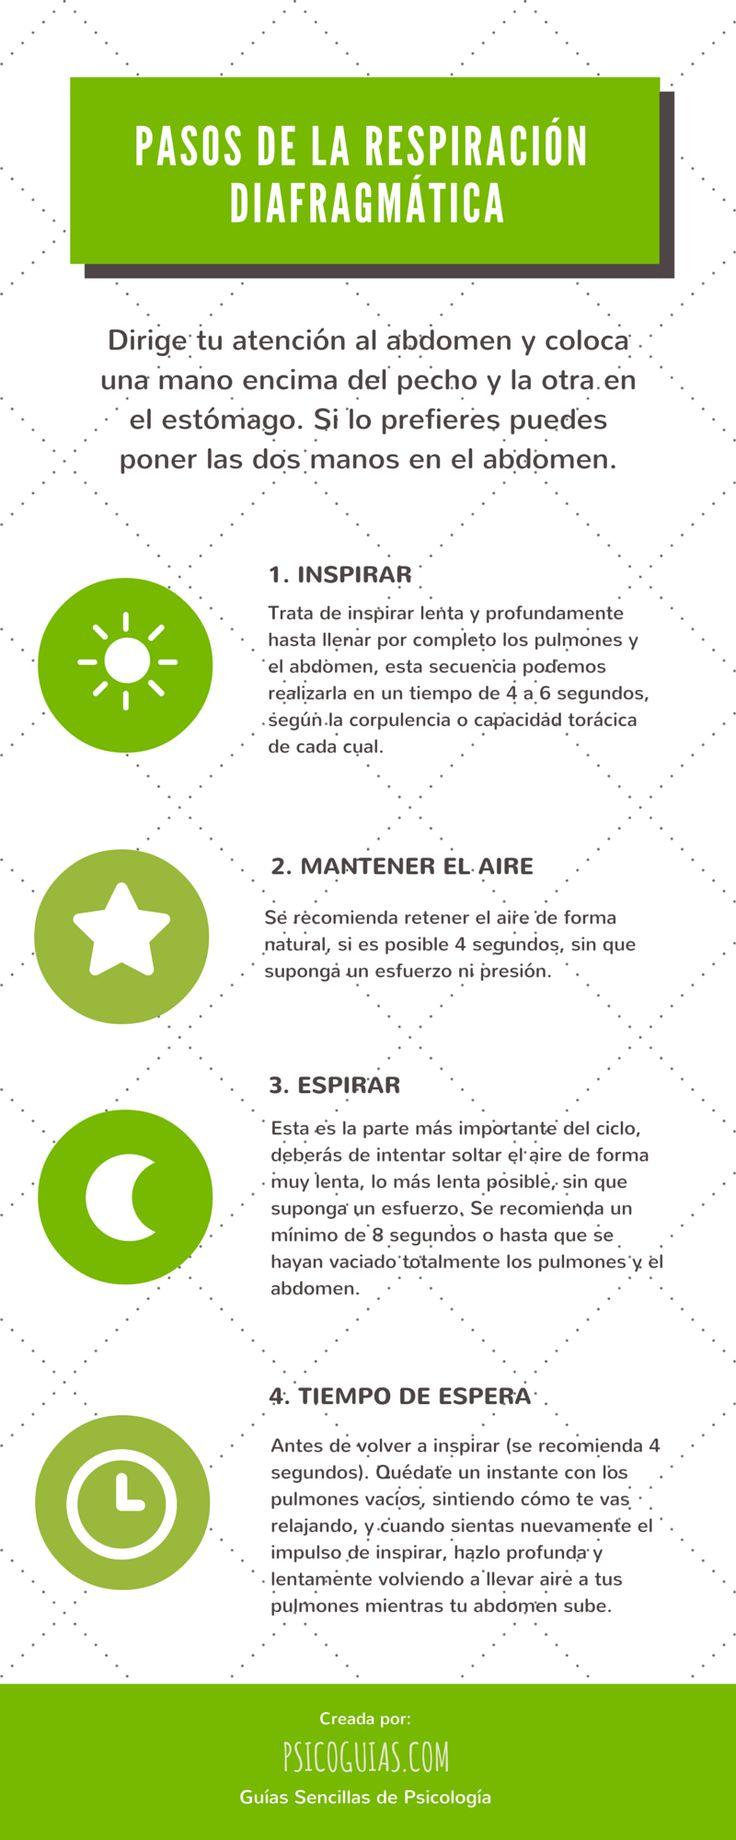 Los Pasos de la Respiración Diafragmática.